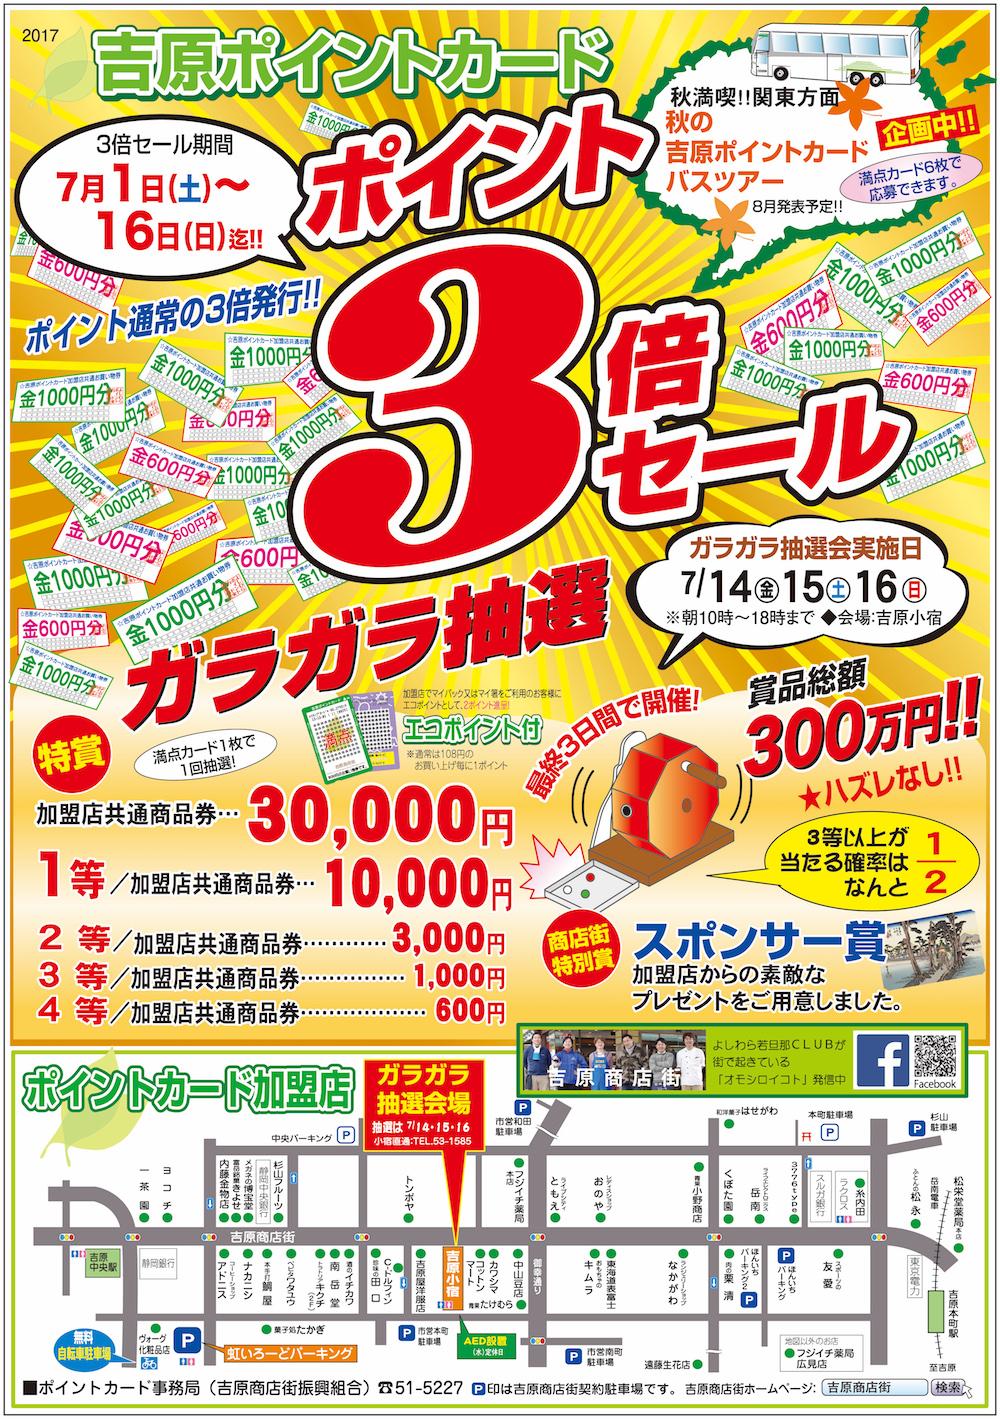 吉原ポイントカード 2017年7/1~16まで3倍セール!